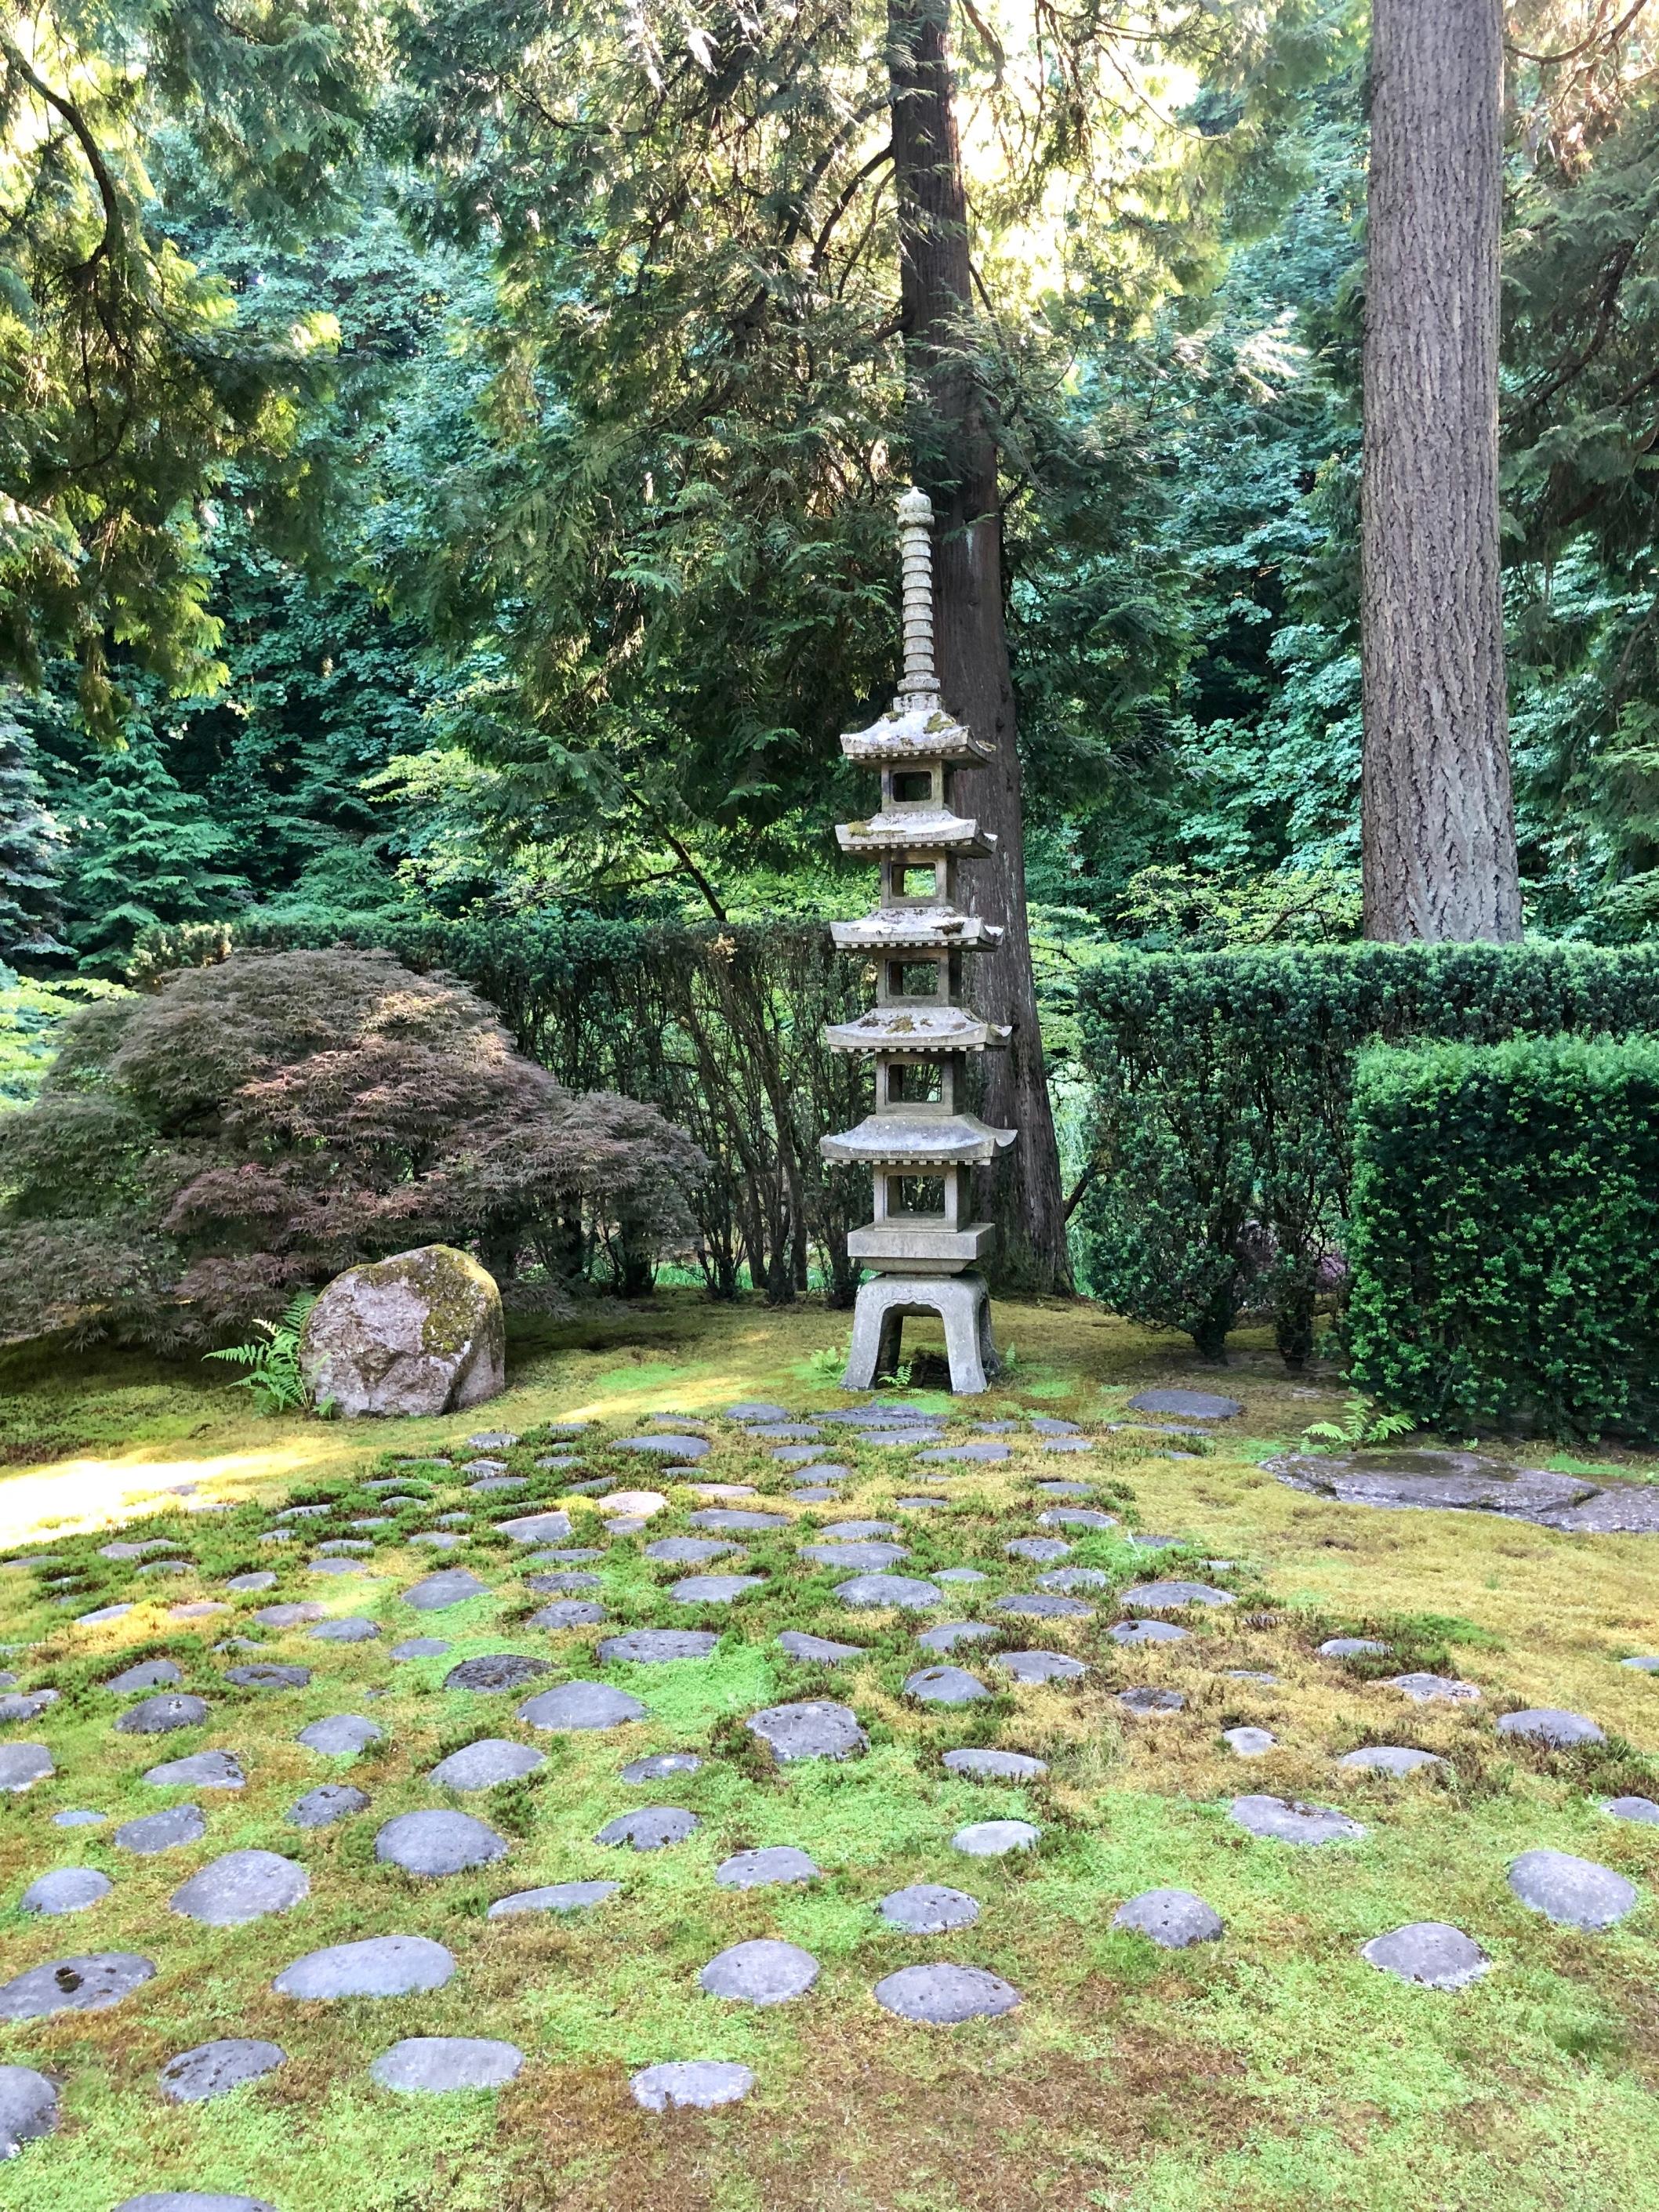 japanesegarden4.jpg